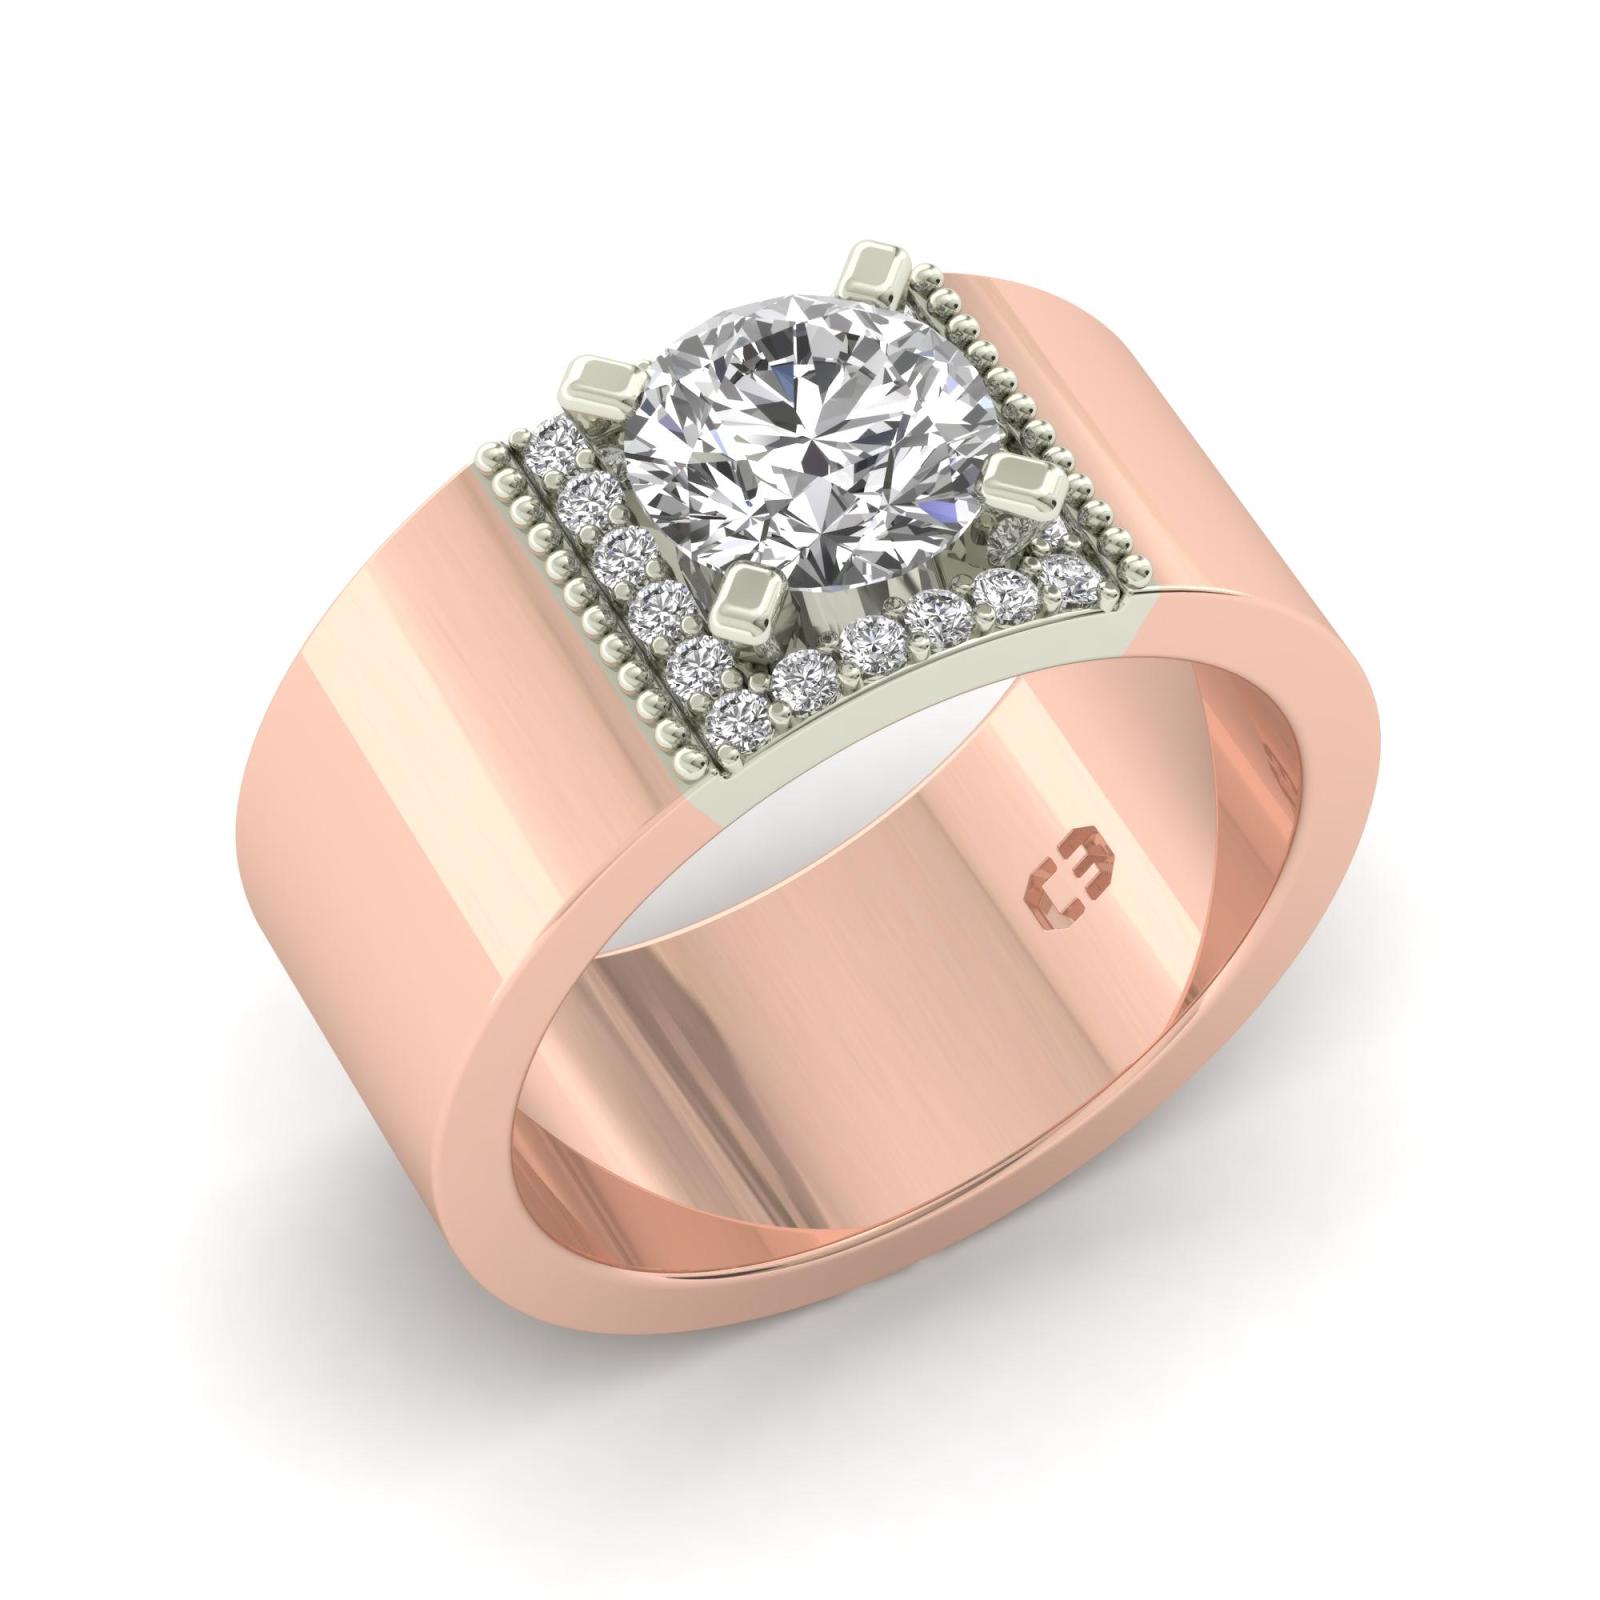 wide band engagement ring designs. Black Bedroom Furniture Sets. Home Design Ideas